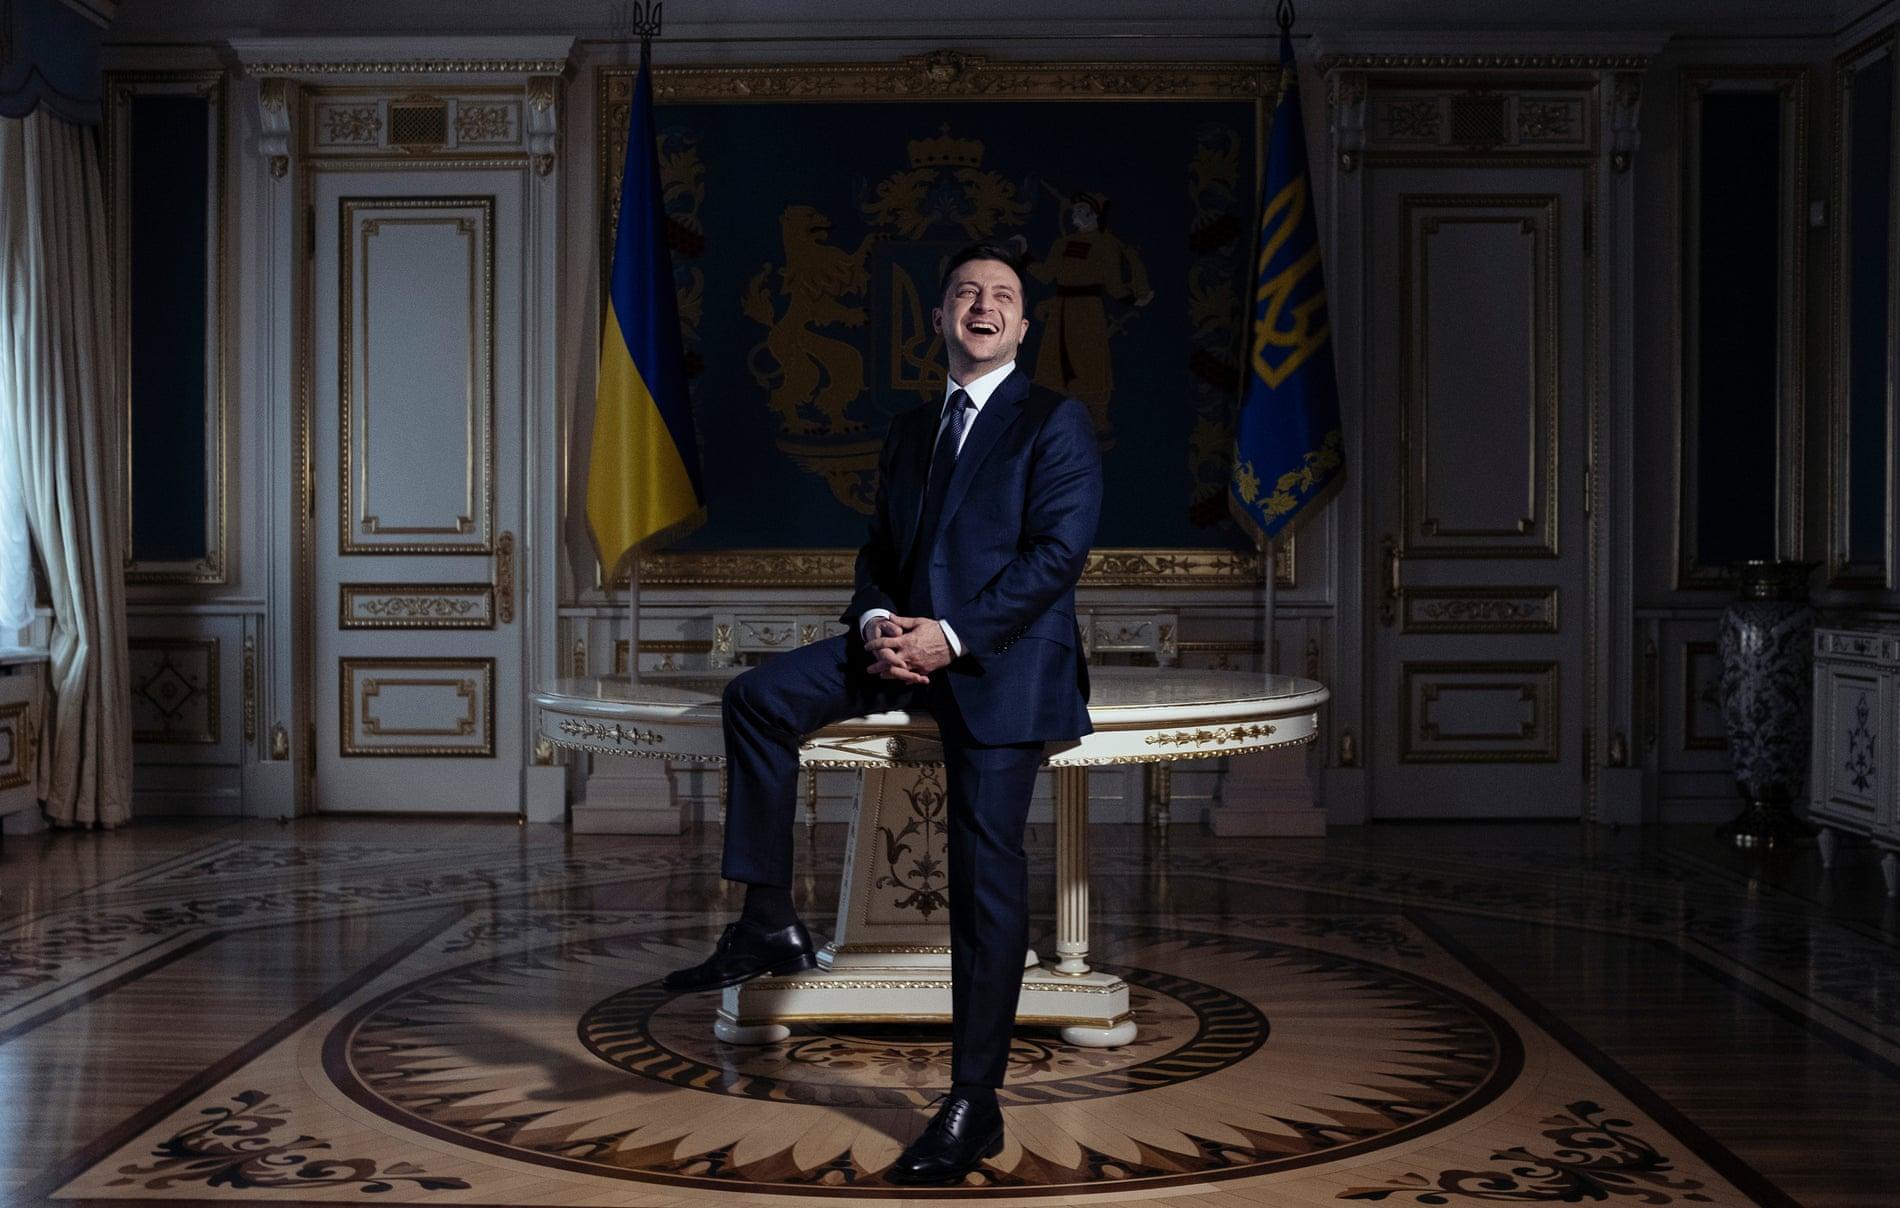 Картинки с президентом зеленский